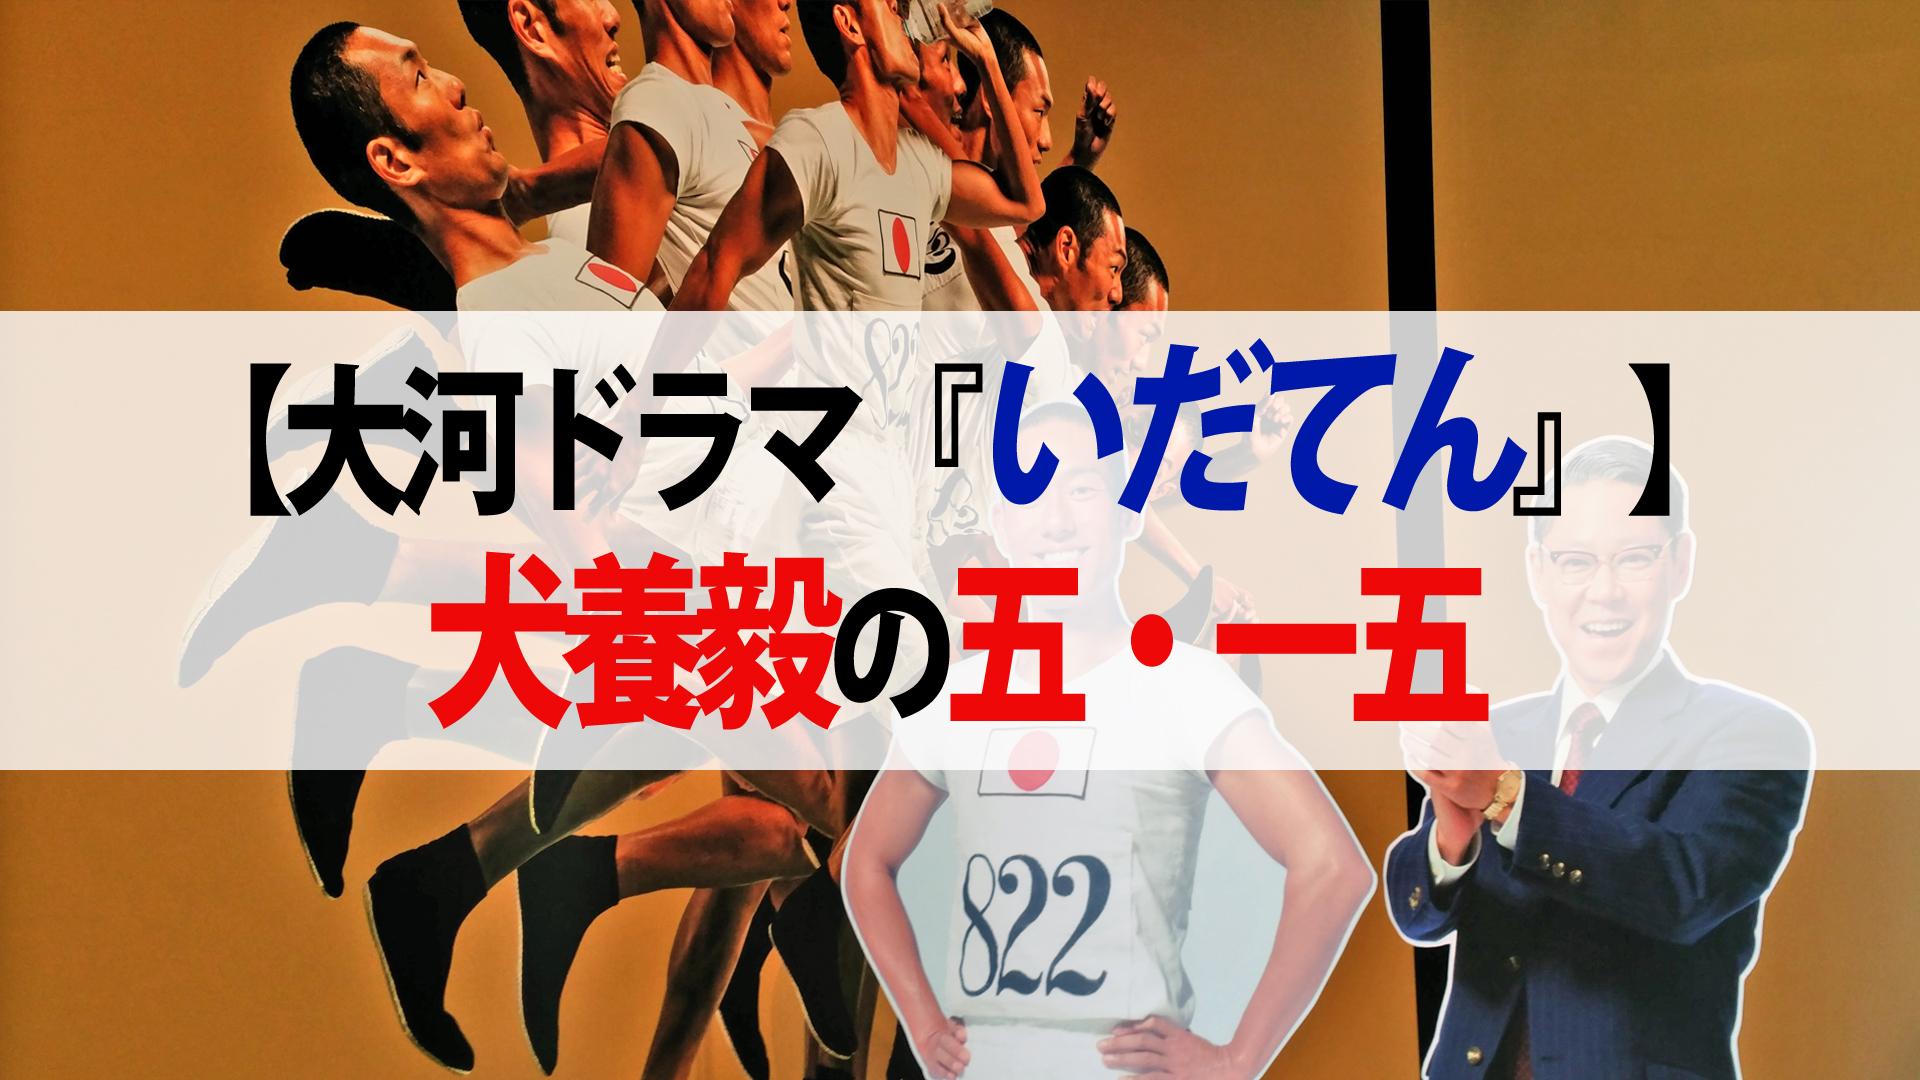 【いだてん『走れ大地を』】『犬養毅の五・一五』『前畑秀子の恋心』『素っ裸の水泳練習』第28回への反響まとめ